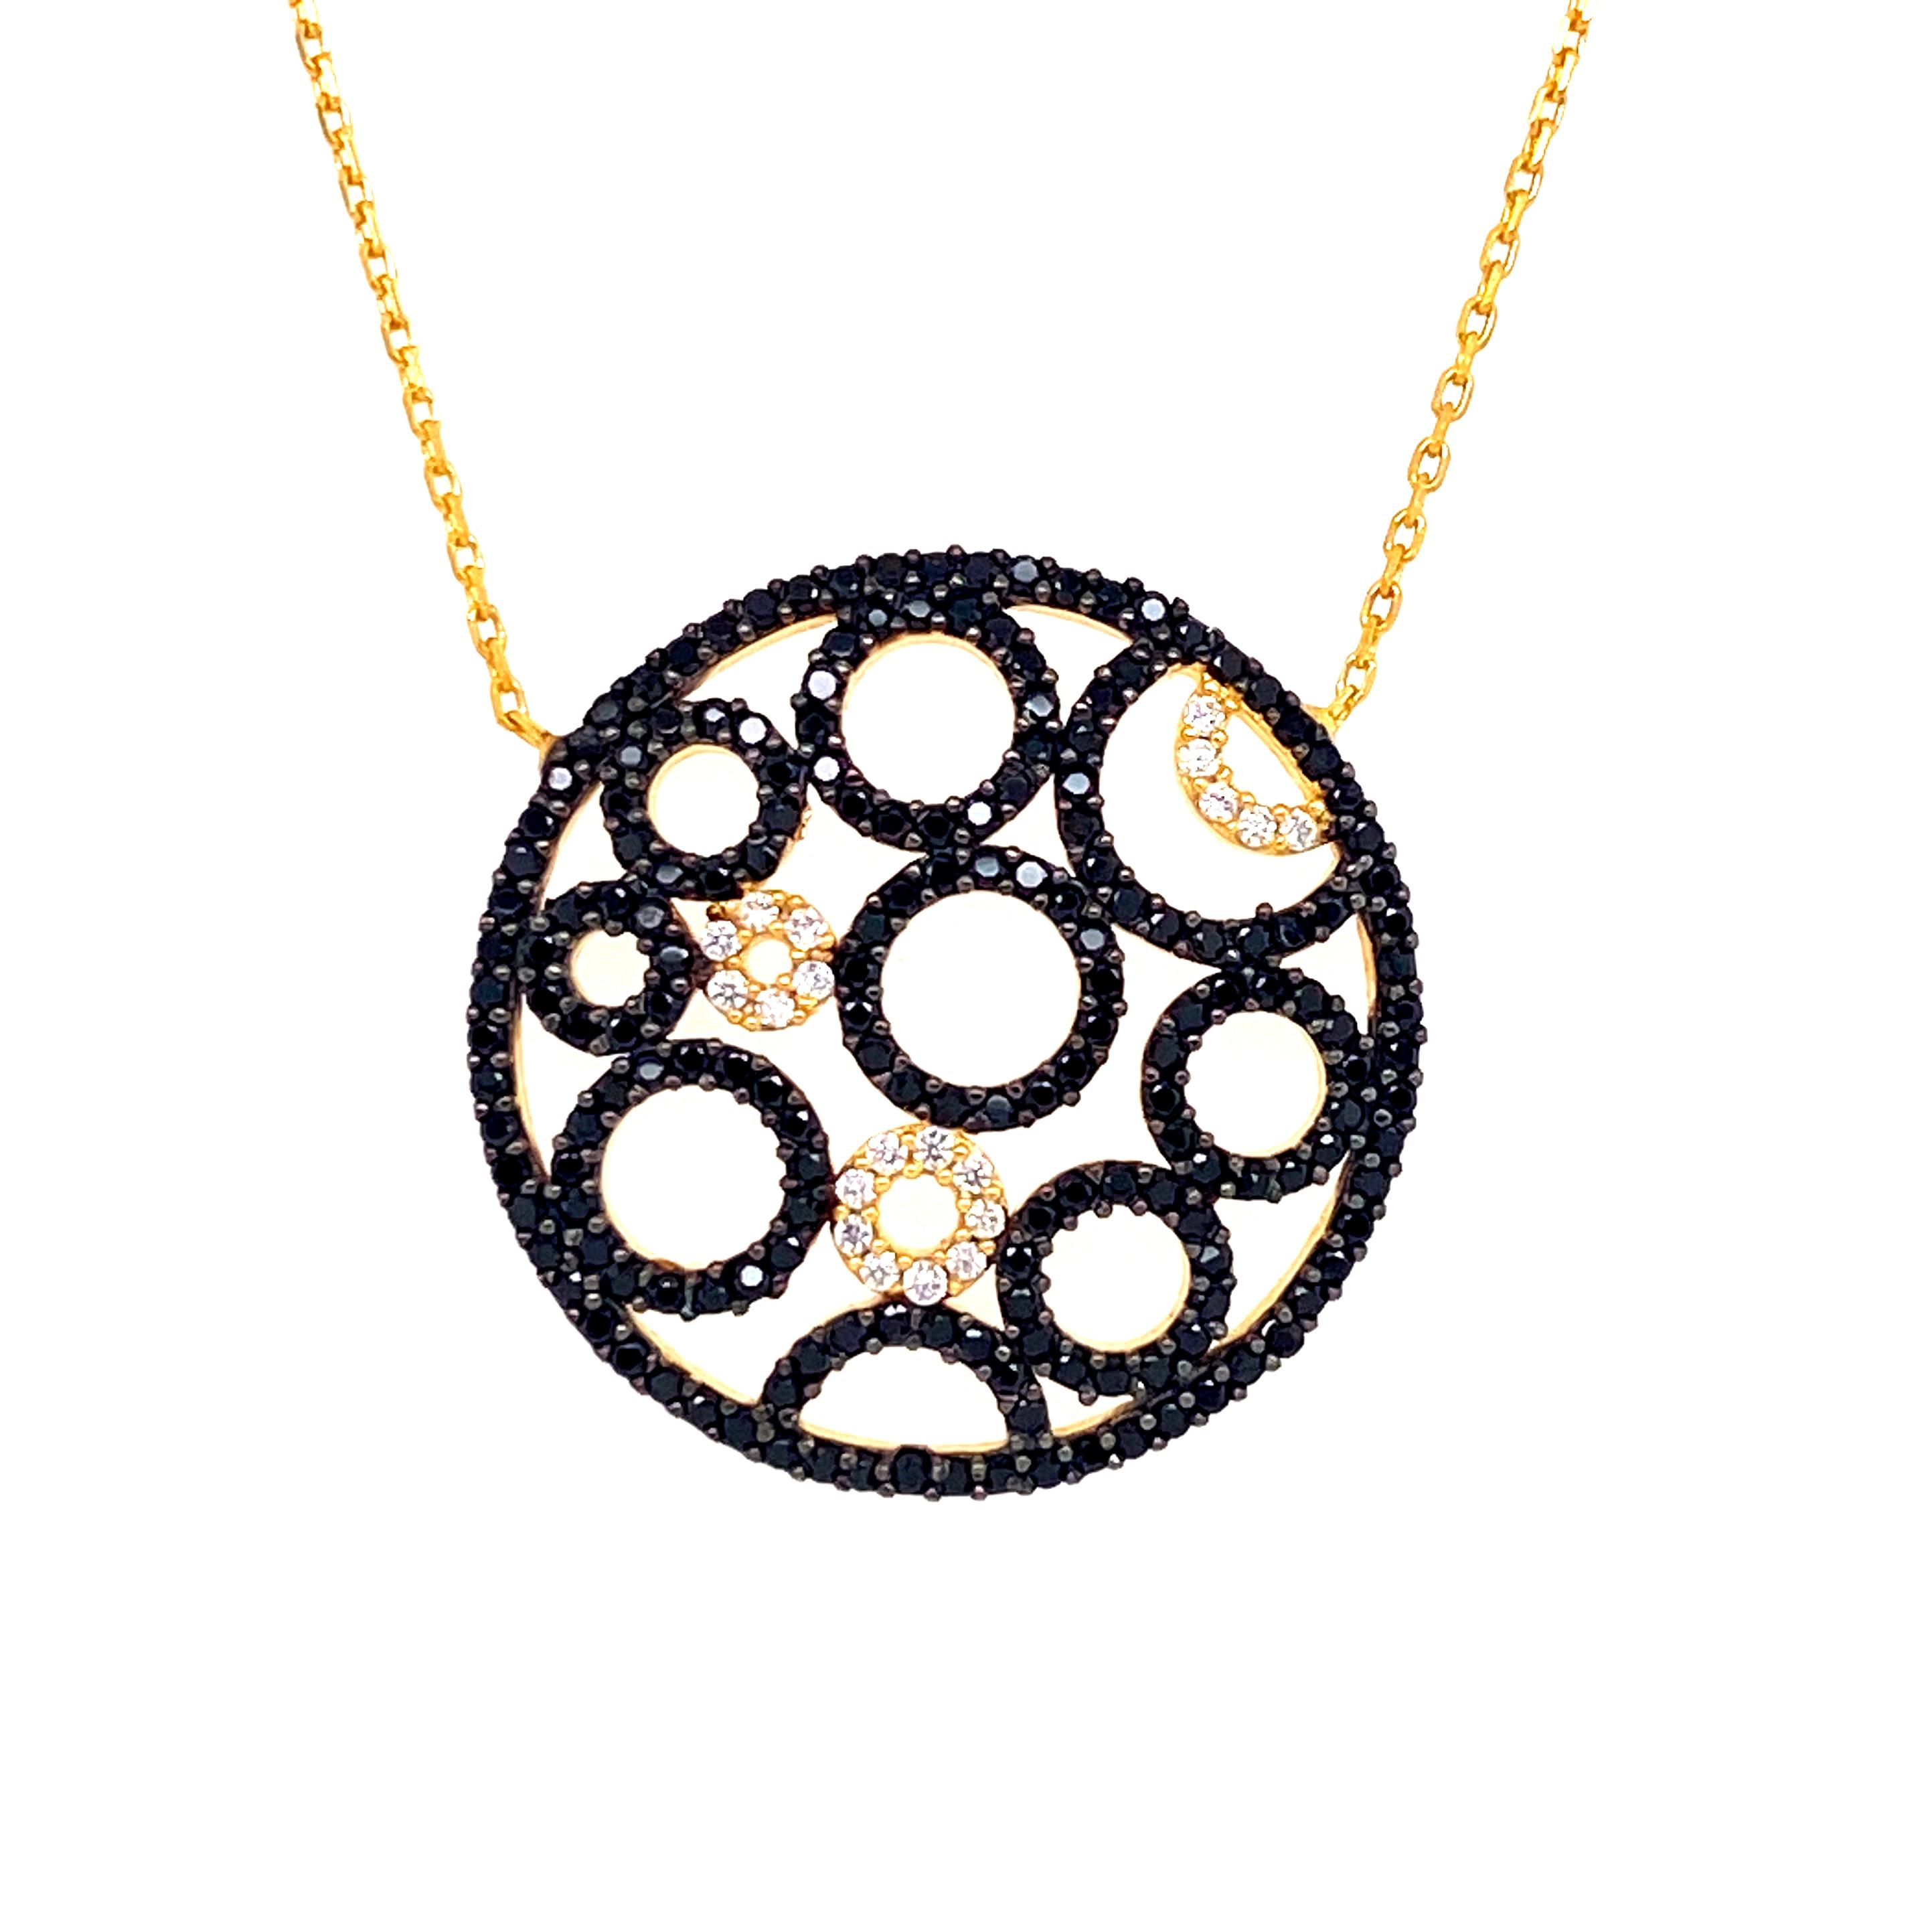 925 Silber Halskette | Wunderkreis